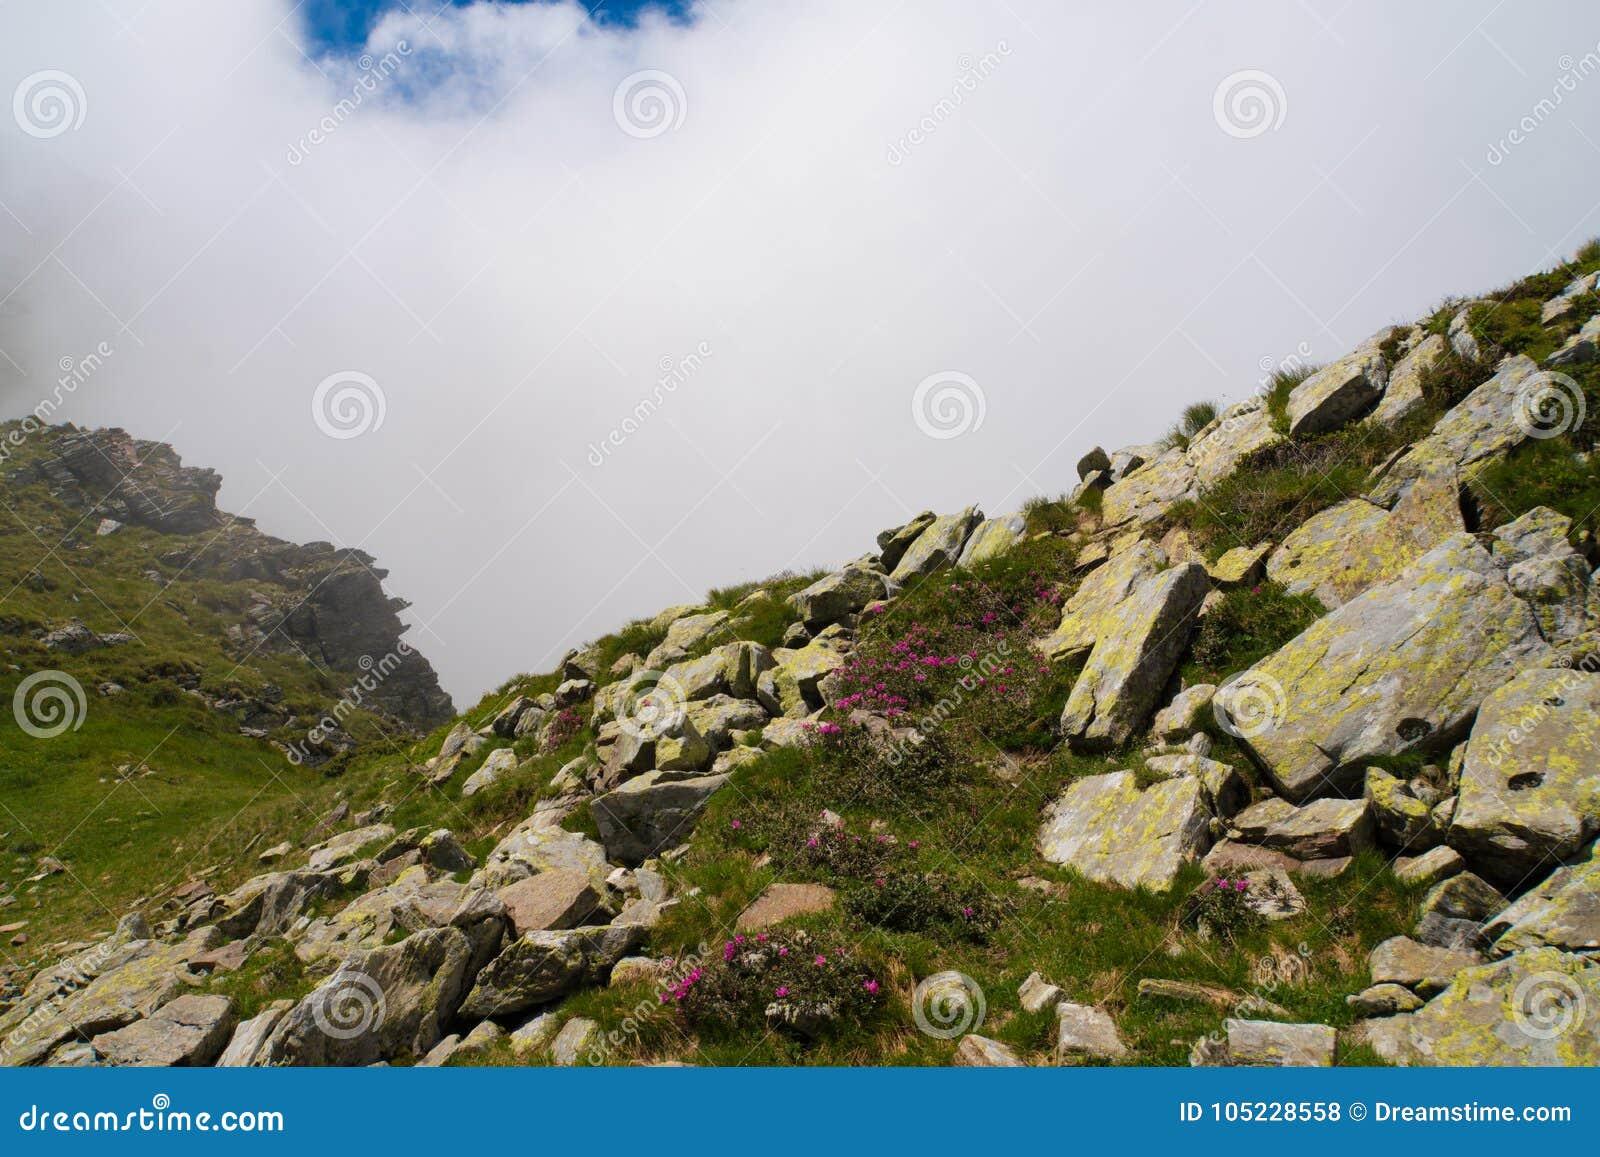 Красивый одичалый ландшафт с скалистыми горами в тумане утра